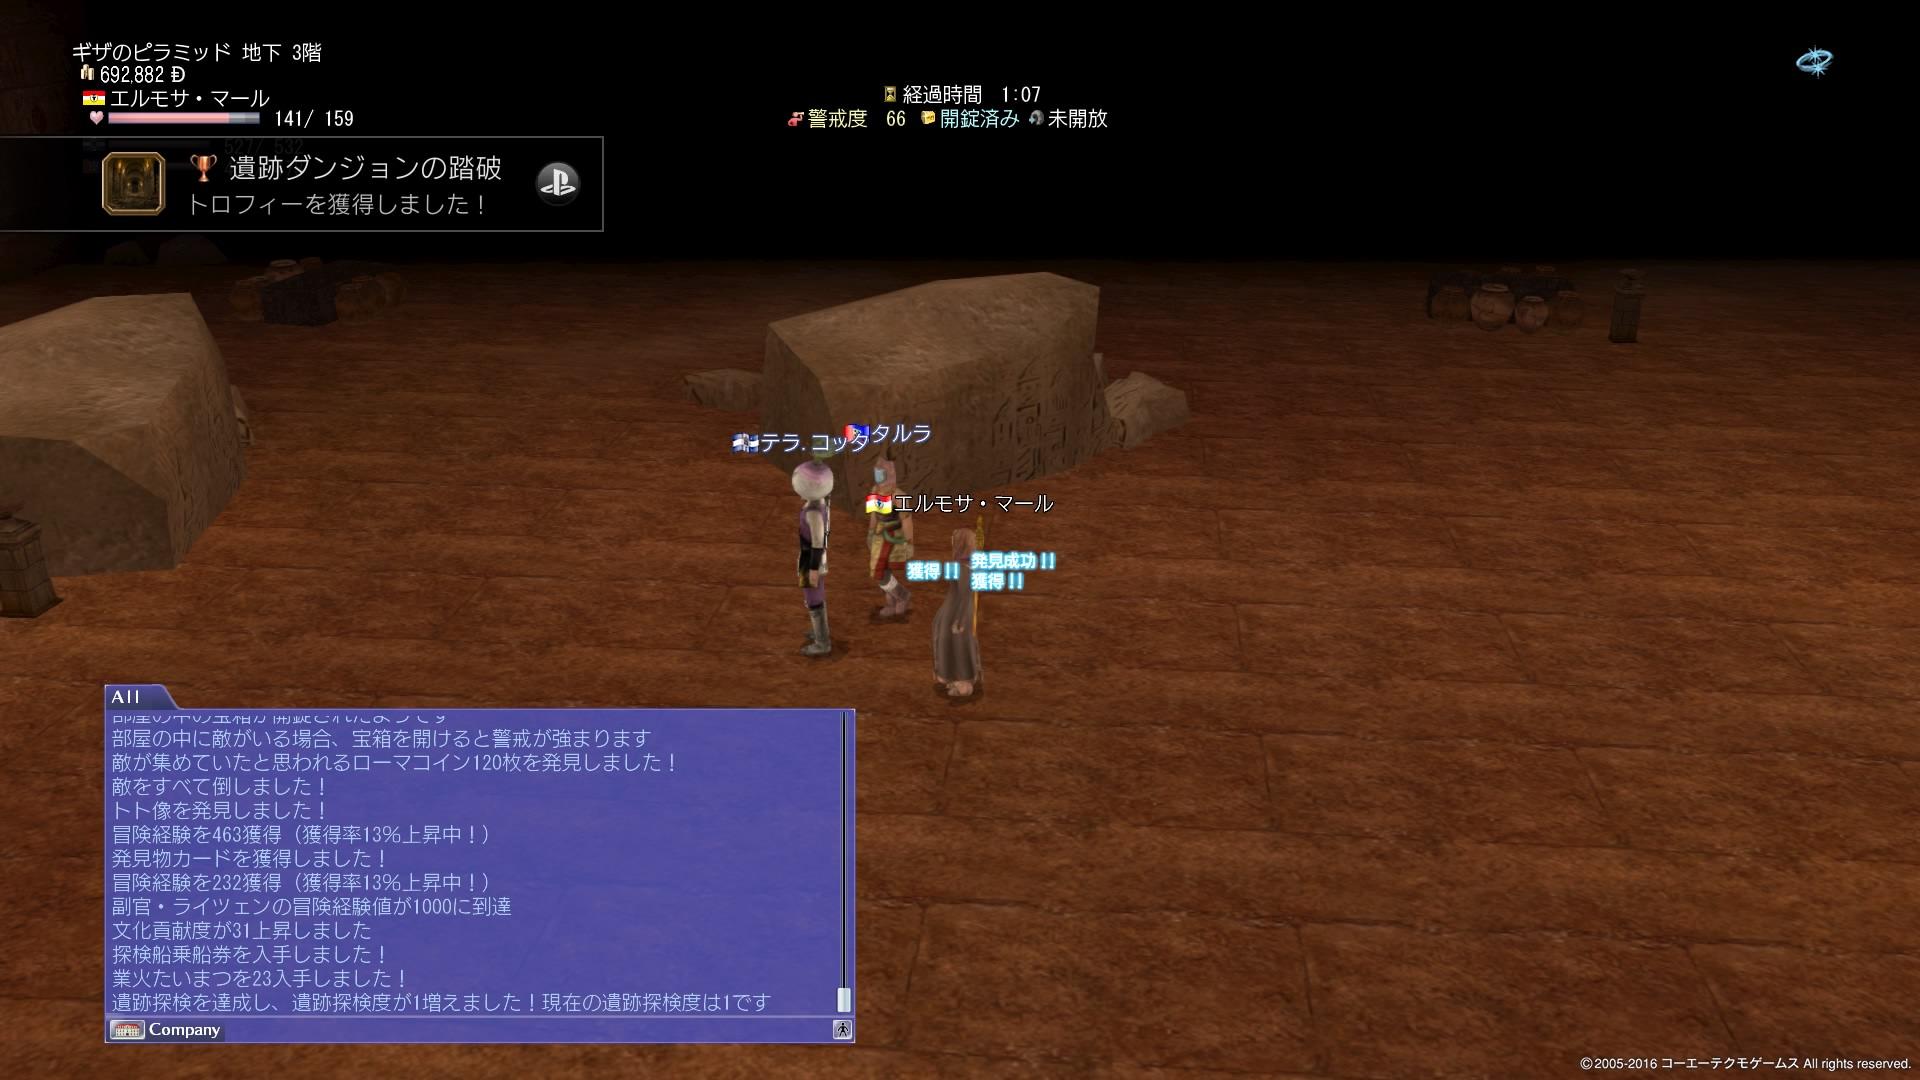 大航海時代 Online_4